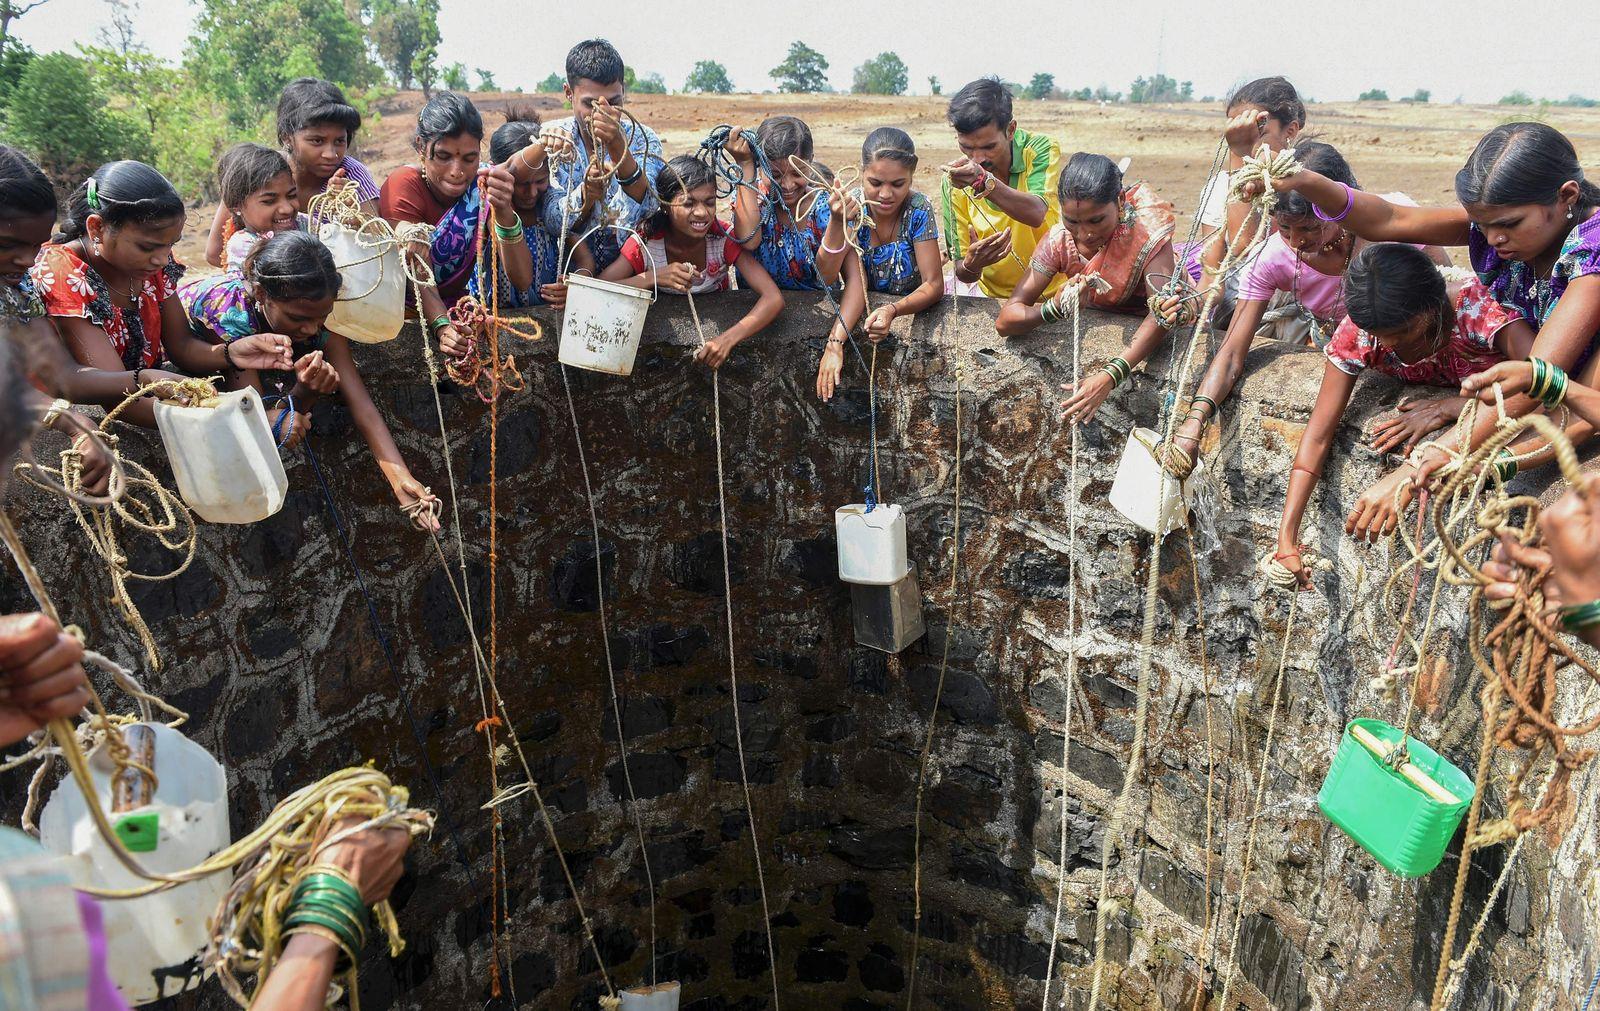 Trockenheit Indien